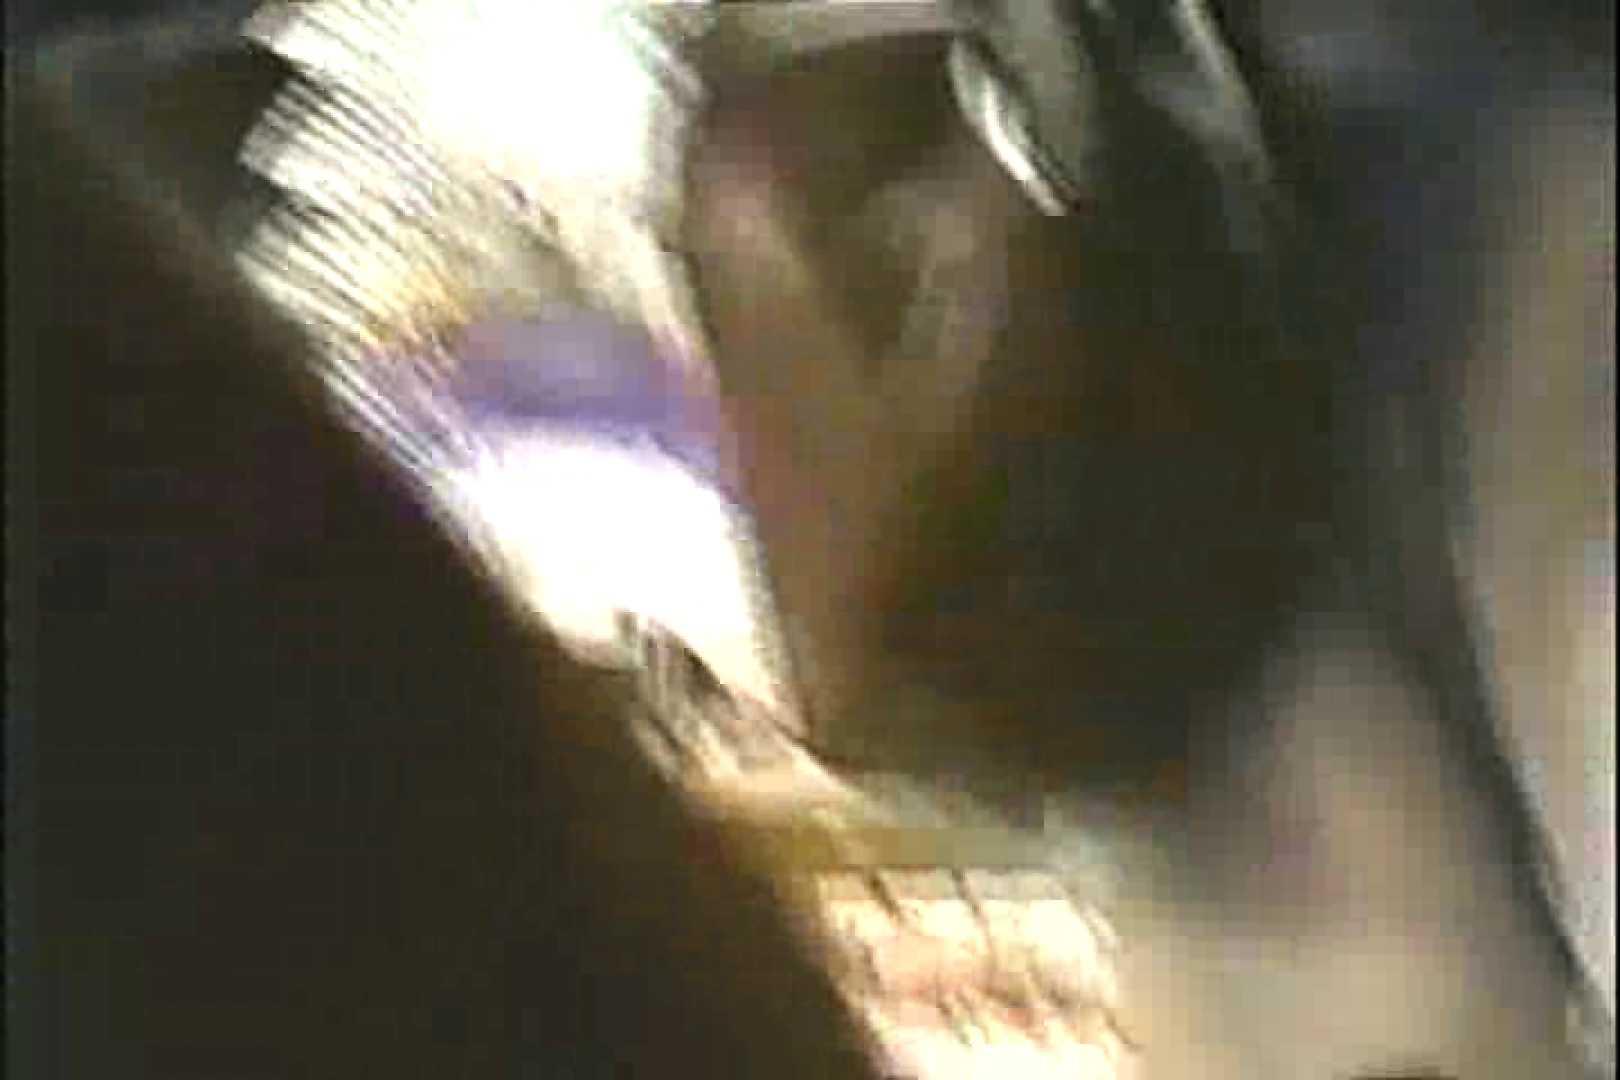 「ちくりん」さんのオリジナル未編集パンチラVol.3_01 レースクイーン 盗撮AV動画キャプチャ 100画像 53